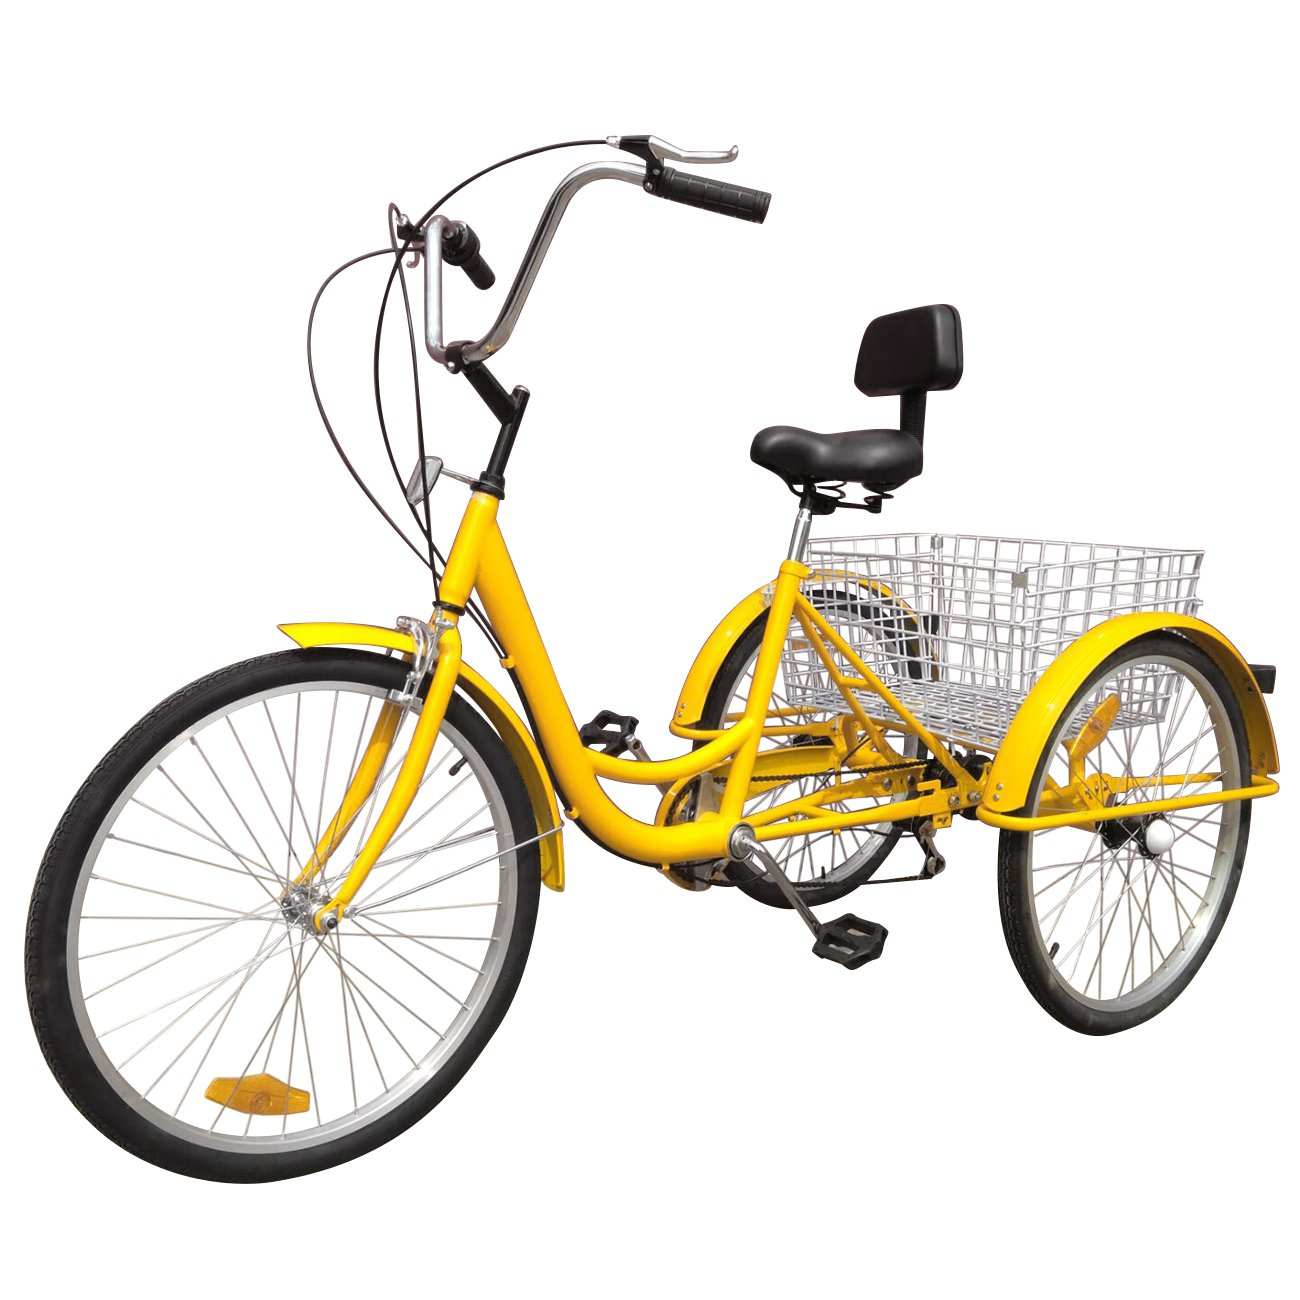 IglobalbuyYellow 24-Inch 6-Speed Adult Tricycle Trike 3-Wheel Bike Cruise Bike with Basket by Iglobalbuy (Image #4)